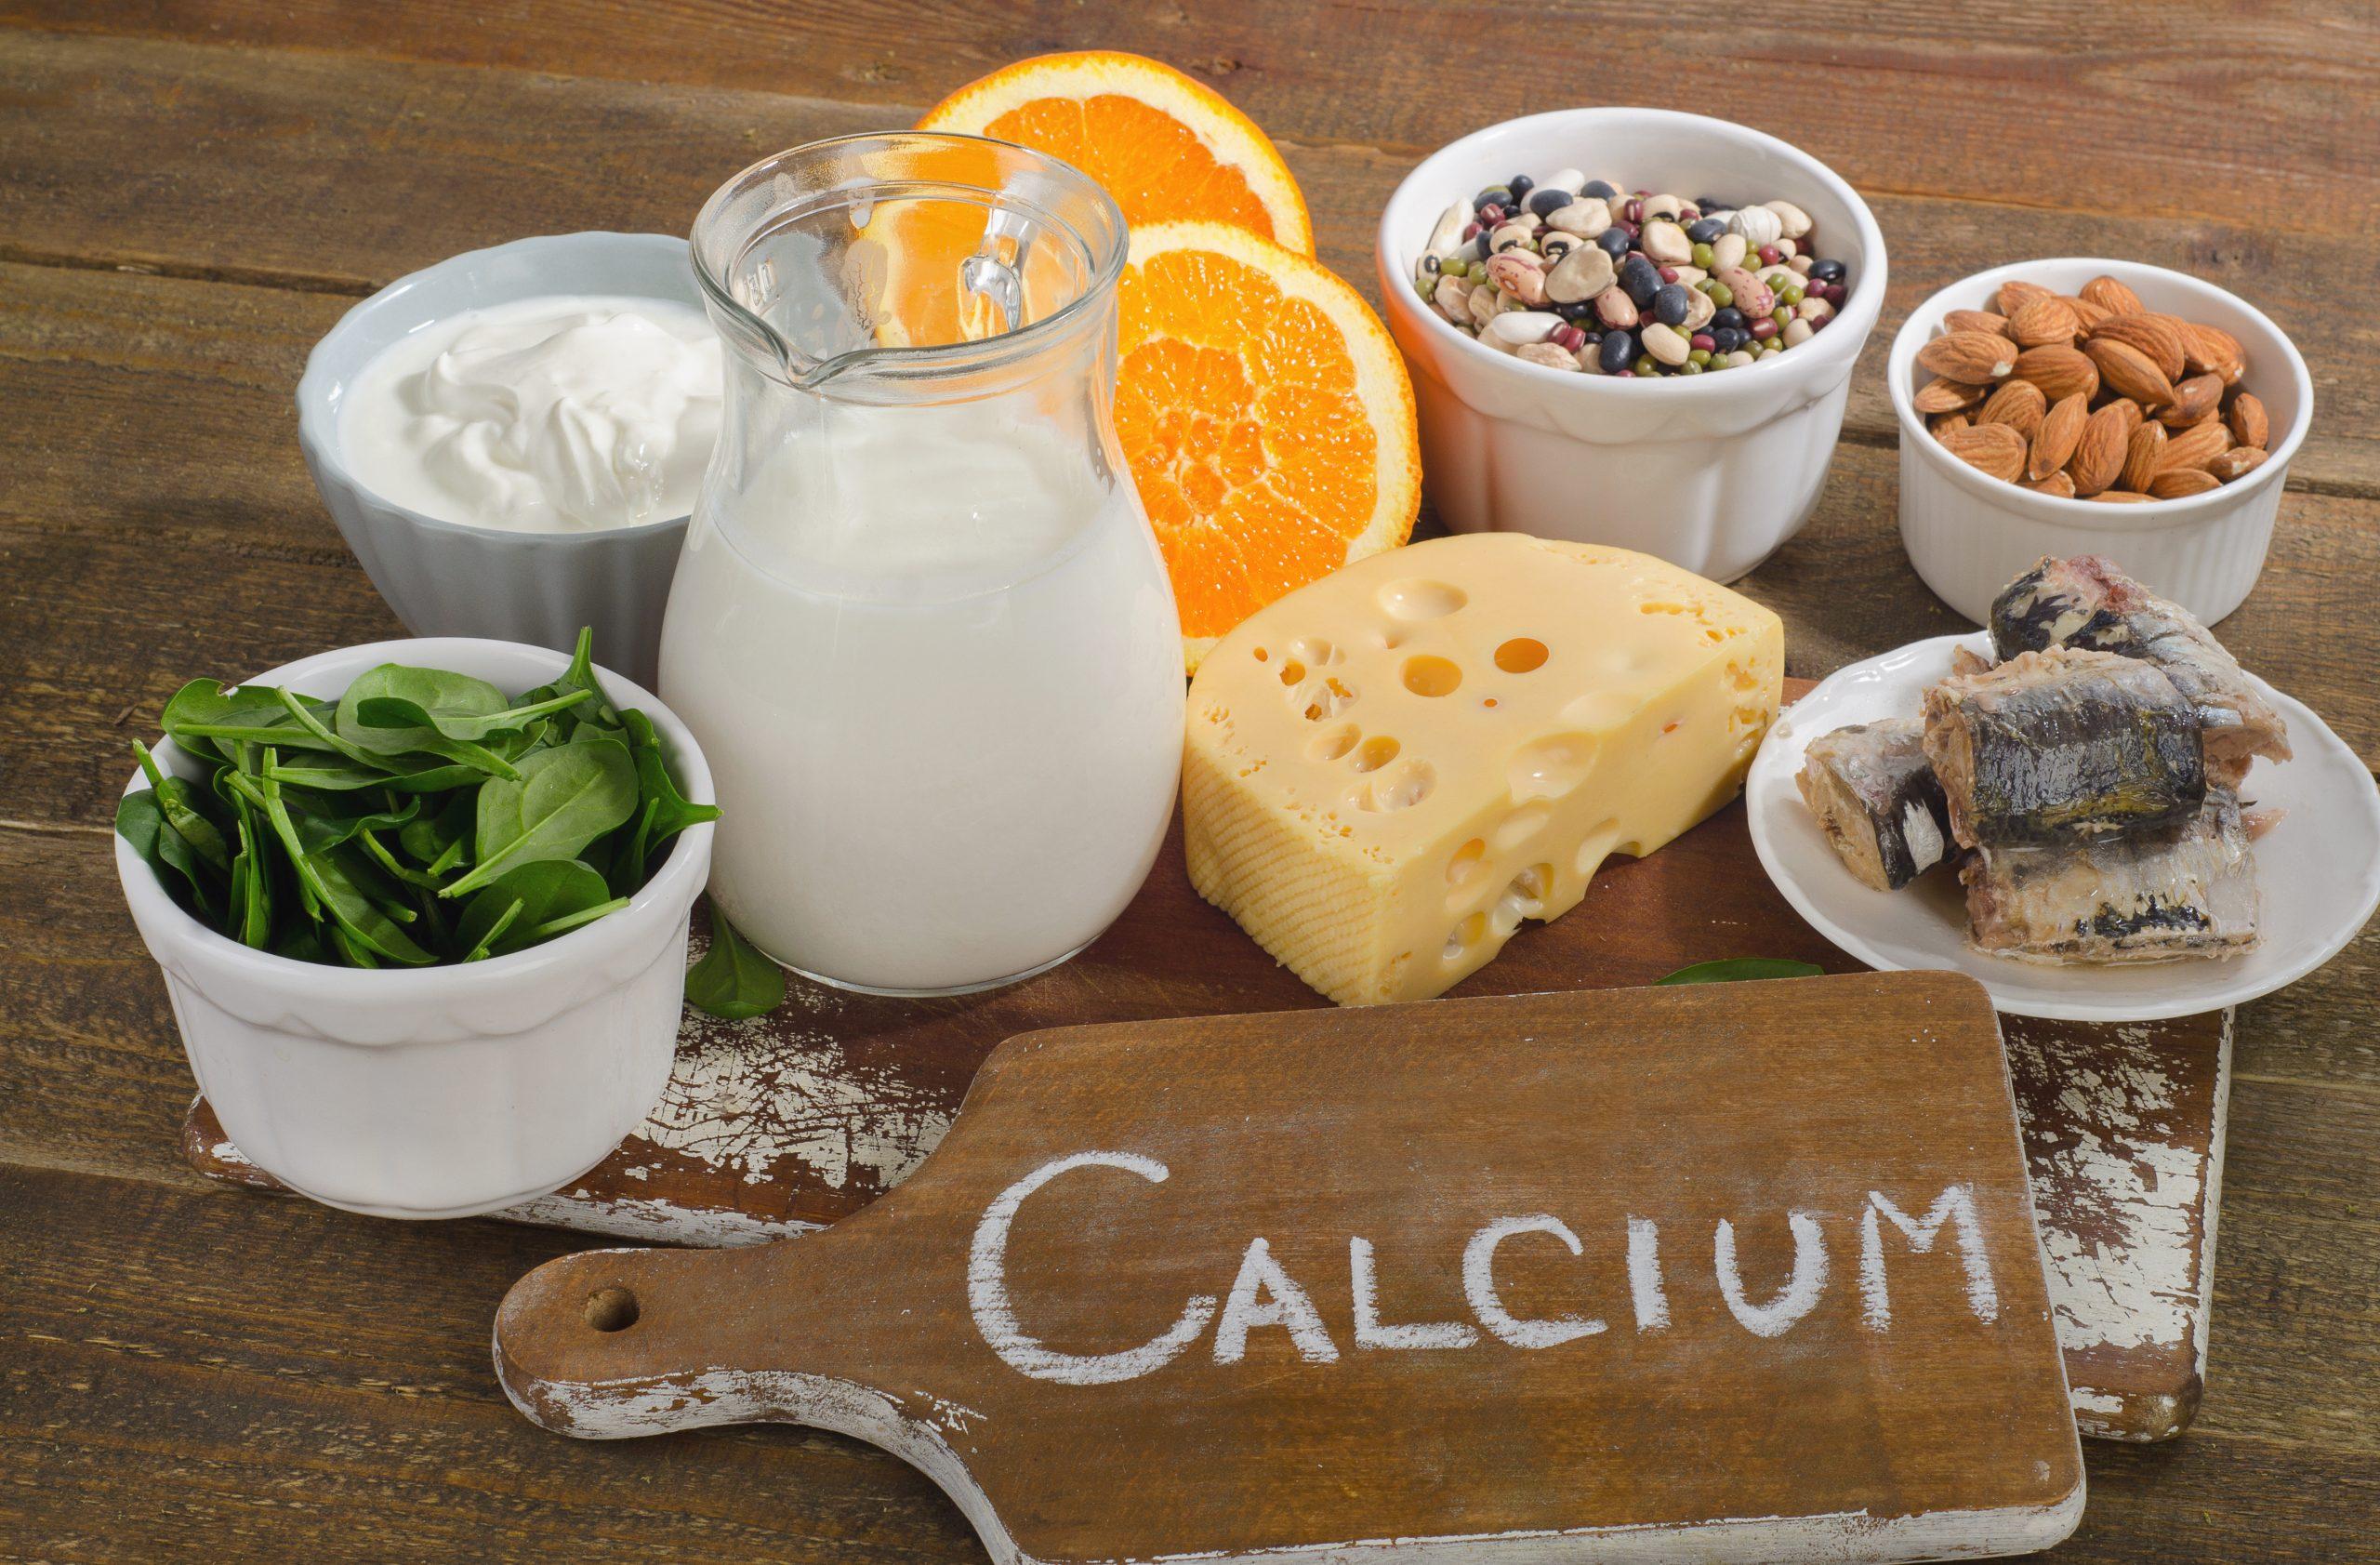 Benefits of Calcium in the Diet